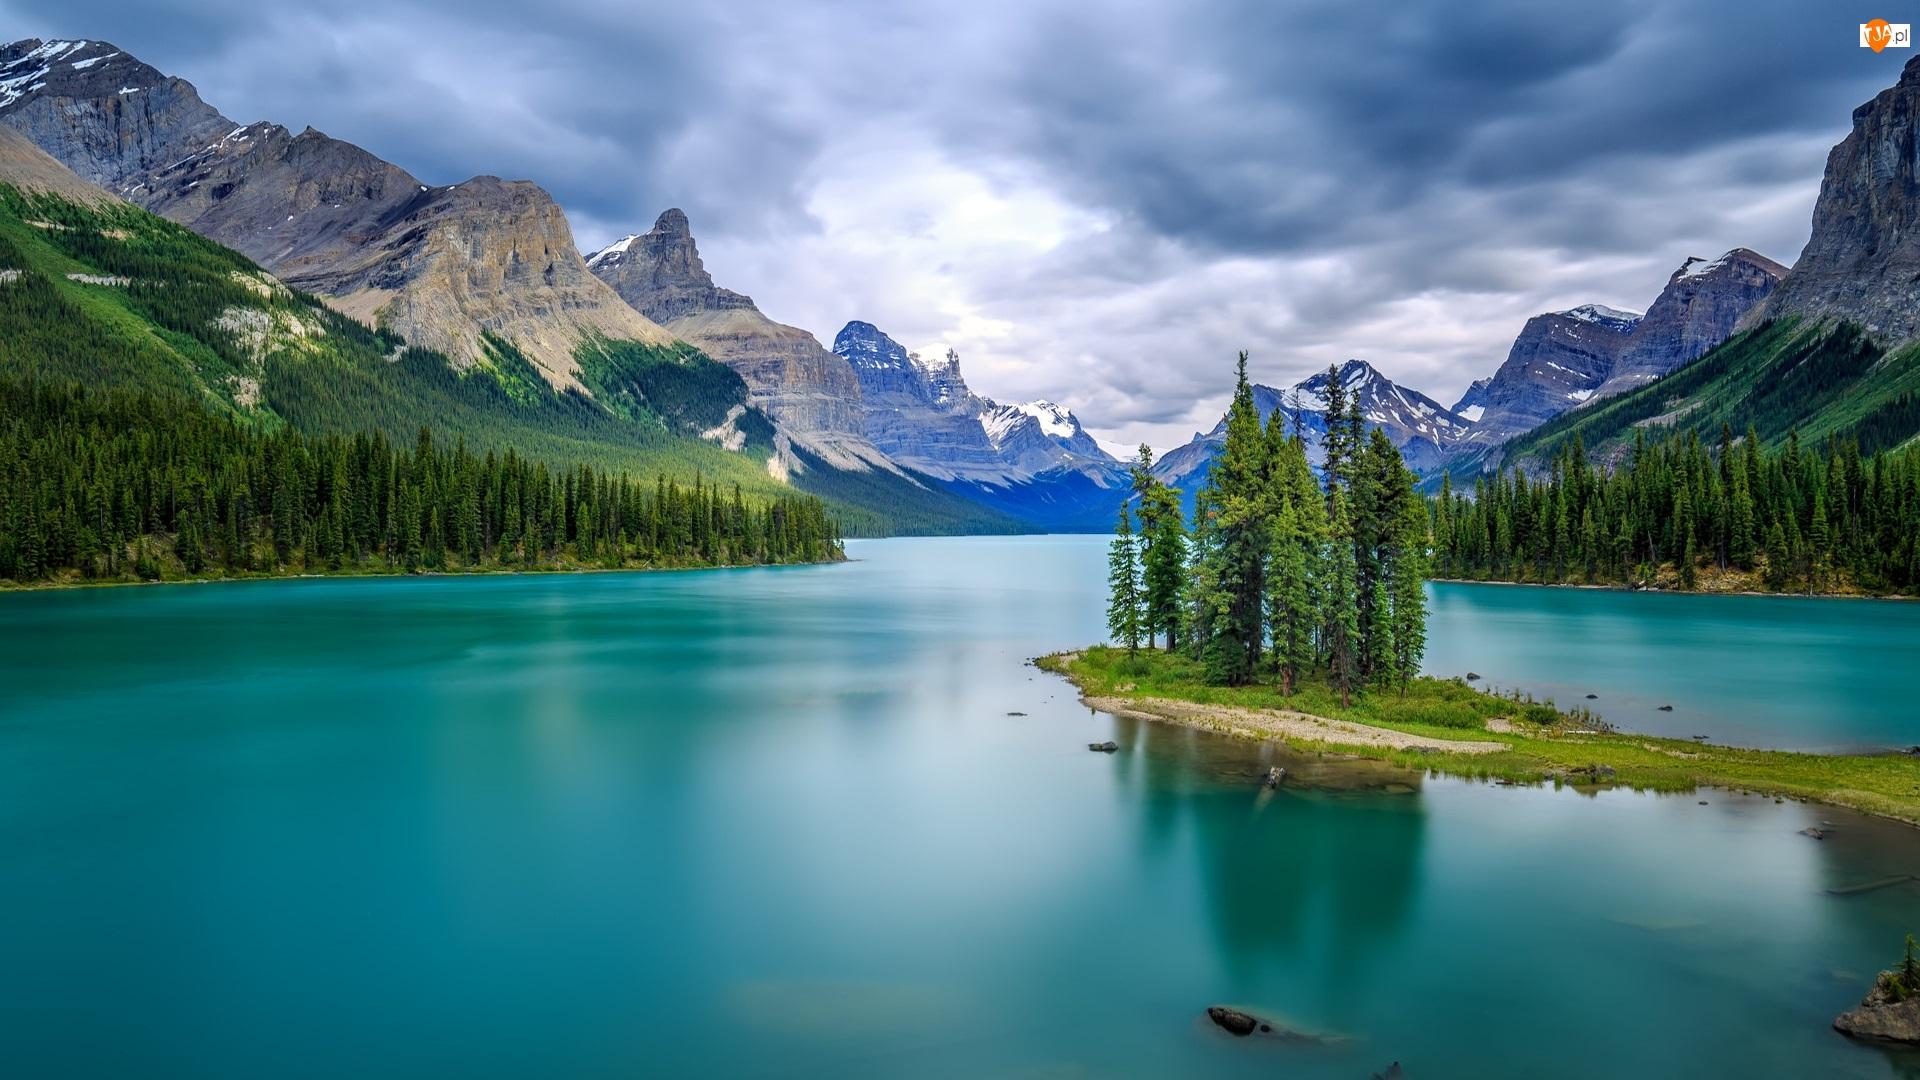 Kanada, Góry, Prowincja Alberta, Drzewa, Chmury, Jezioro, Maligne Lake, Park Narodowy Jasper, Wyspa Duchów